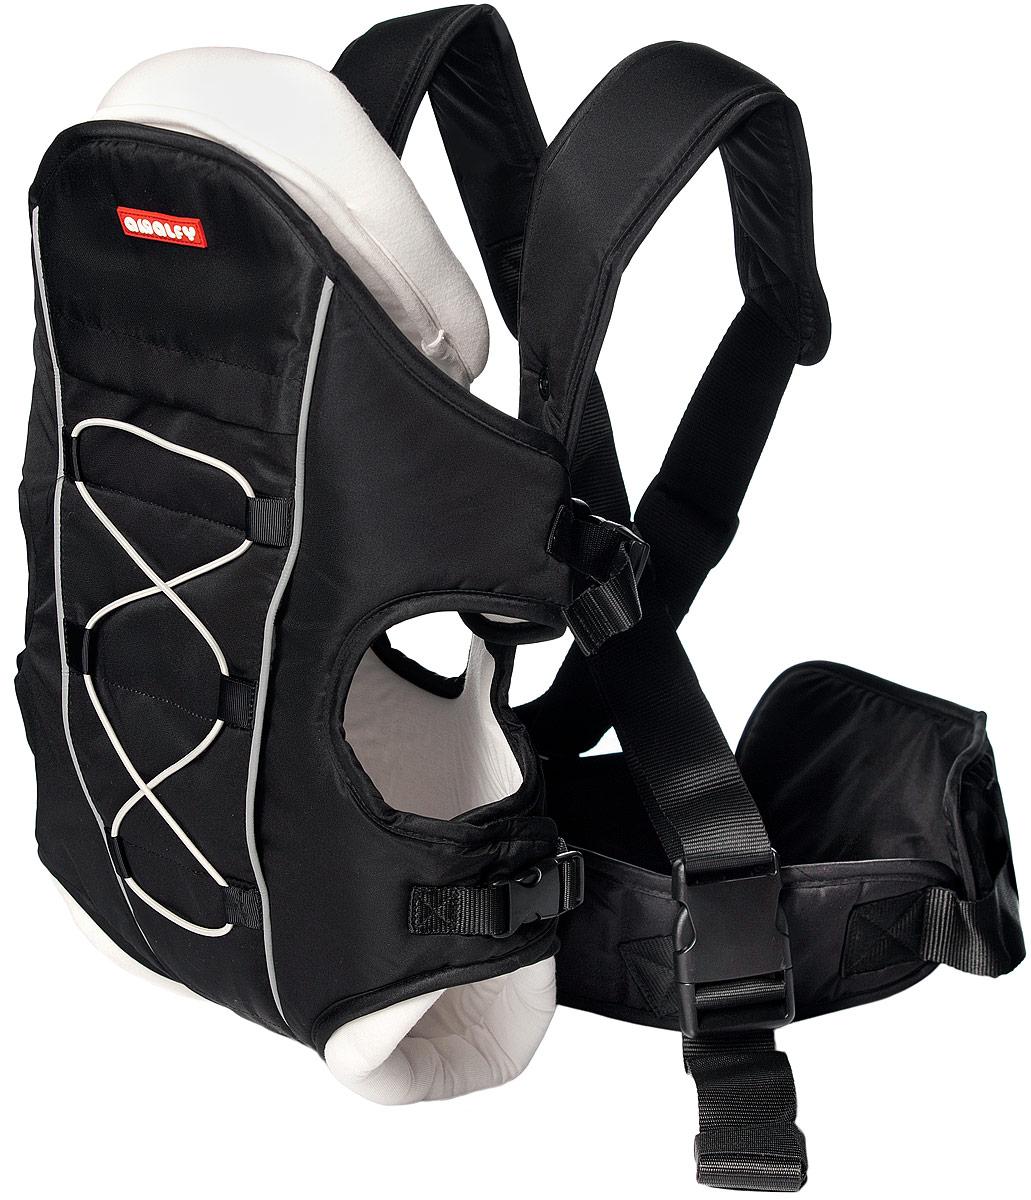 Amalfy Рюкзак-переноска цвет черныйGB-809 BlackРюкзак-переноска Amalfy рассчитан на малышей с 3,5 до 12 кг. Это современная переноска, которая прекрасно подойдет как для мальчика, так и для девочки. Удобно раскрывается по бокам для быстрого помещения и изъятия ребенка. Съемный подголовник обеспечивает дополнительный комфорт и поддержку. Имеет различные варианты переноски: лицом к маме, лицом по ходу движения, за спиной, лицом к маме с чехлом и за спиной с чехлом. Чехол обеспечивает тепло и уют вашему малышу. Тонкая легкая ткань, передовая конструкция, превосходный дизайн для вас и вашего малыша. Делайте перерывы как можно чаще, так как вы и ваш малыш можете устать. Перед помещением ребенка убедитесь, что все крепления и ремни надежно зафиксированы и отрегулированы.